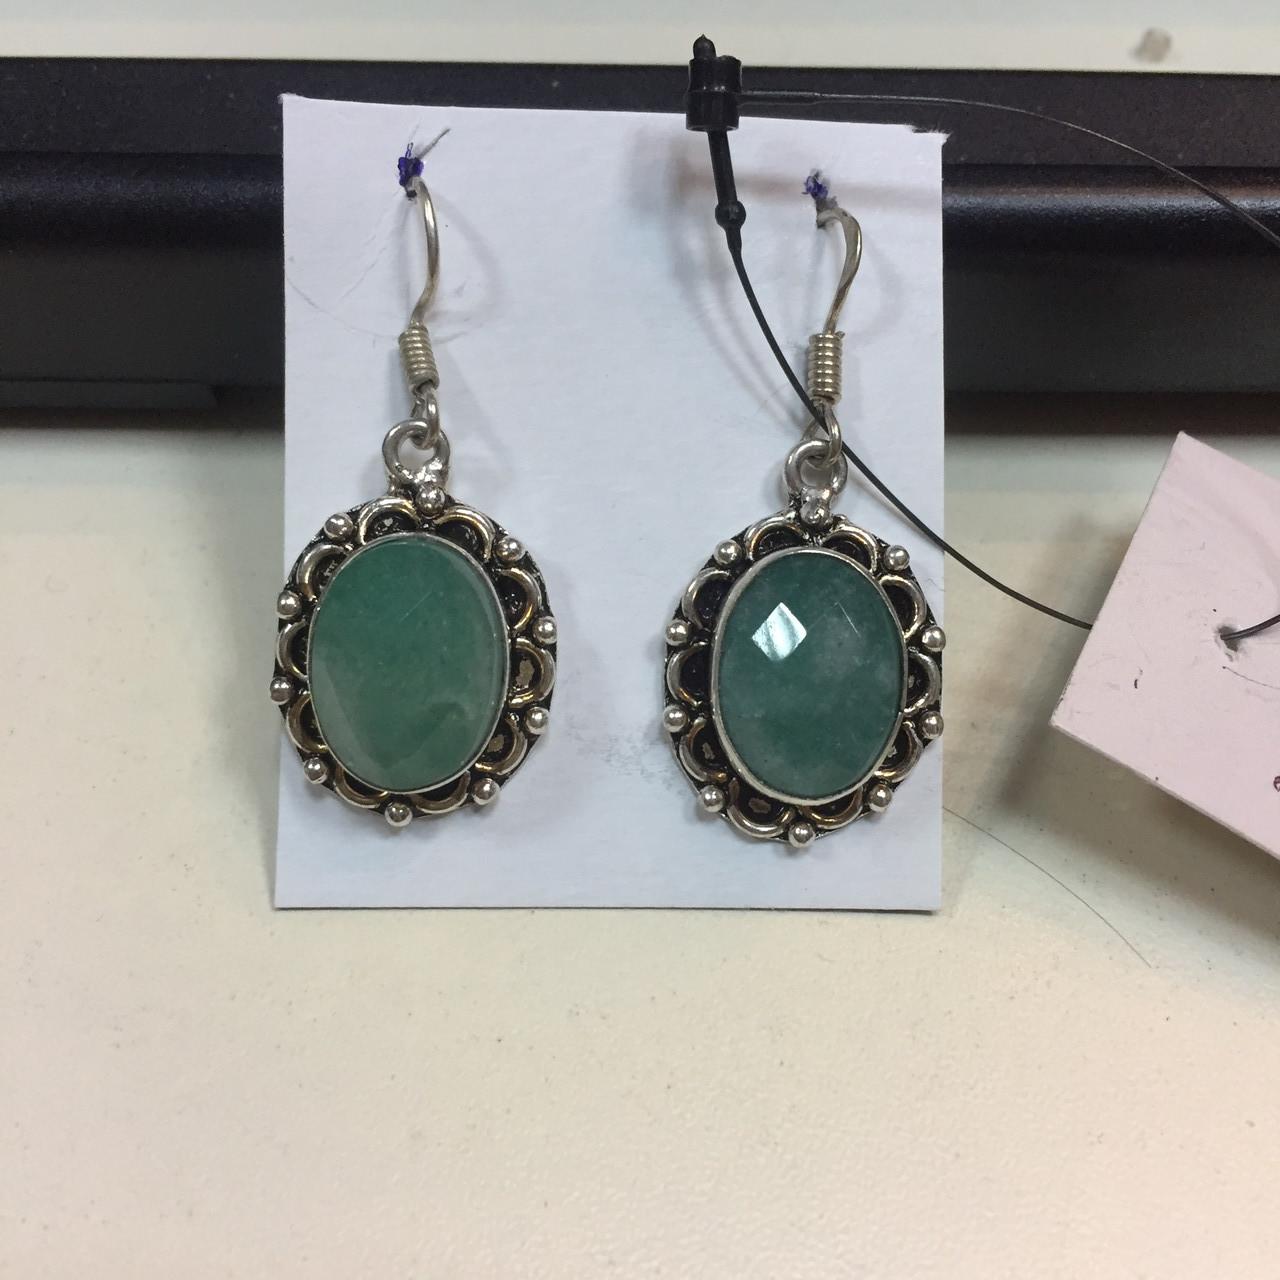 Сережки з каменем смарагдовий кварц в сріблі. Сережки з смарагдовим кварцом Індія